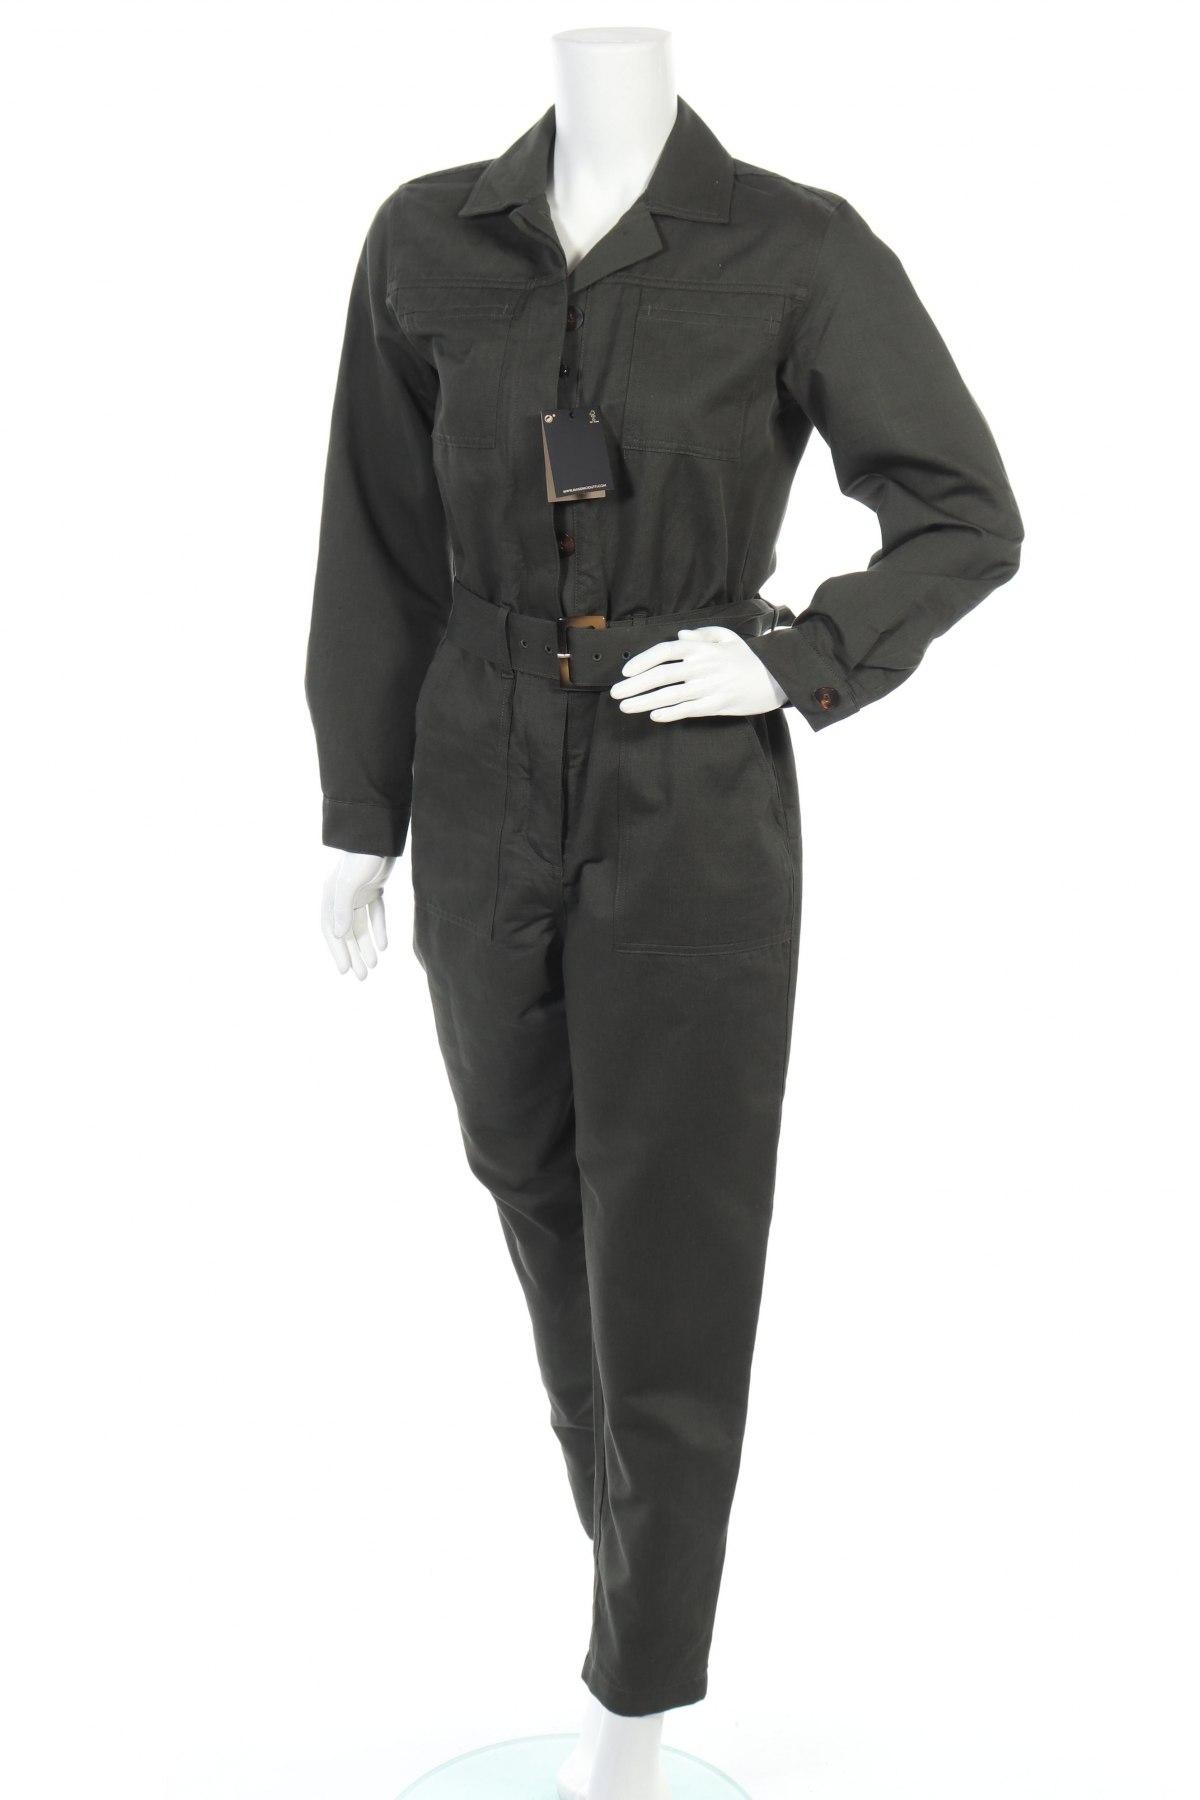 Γυναικεία σαλοπέτα Massimo Dutti, Μέγεθος M, Χρώμα Πράσινο, 74% βαμβάκι, 26% λινό, Τιμή 44,54€